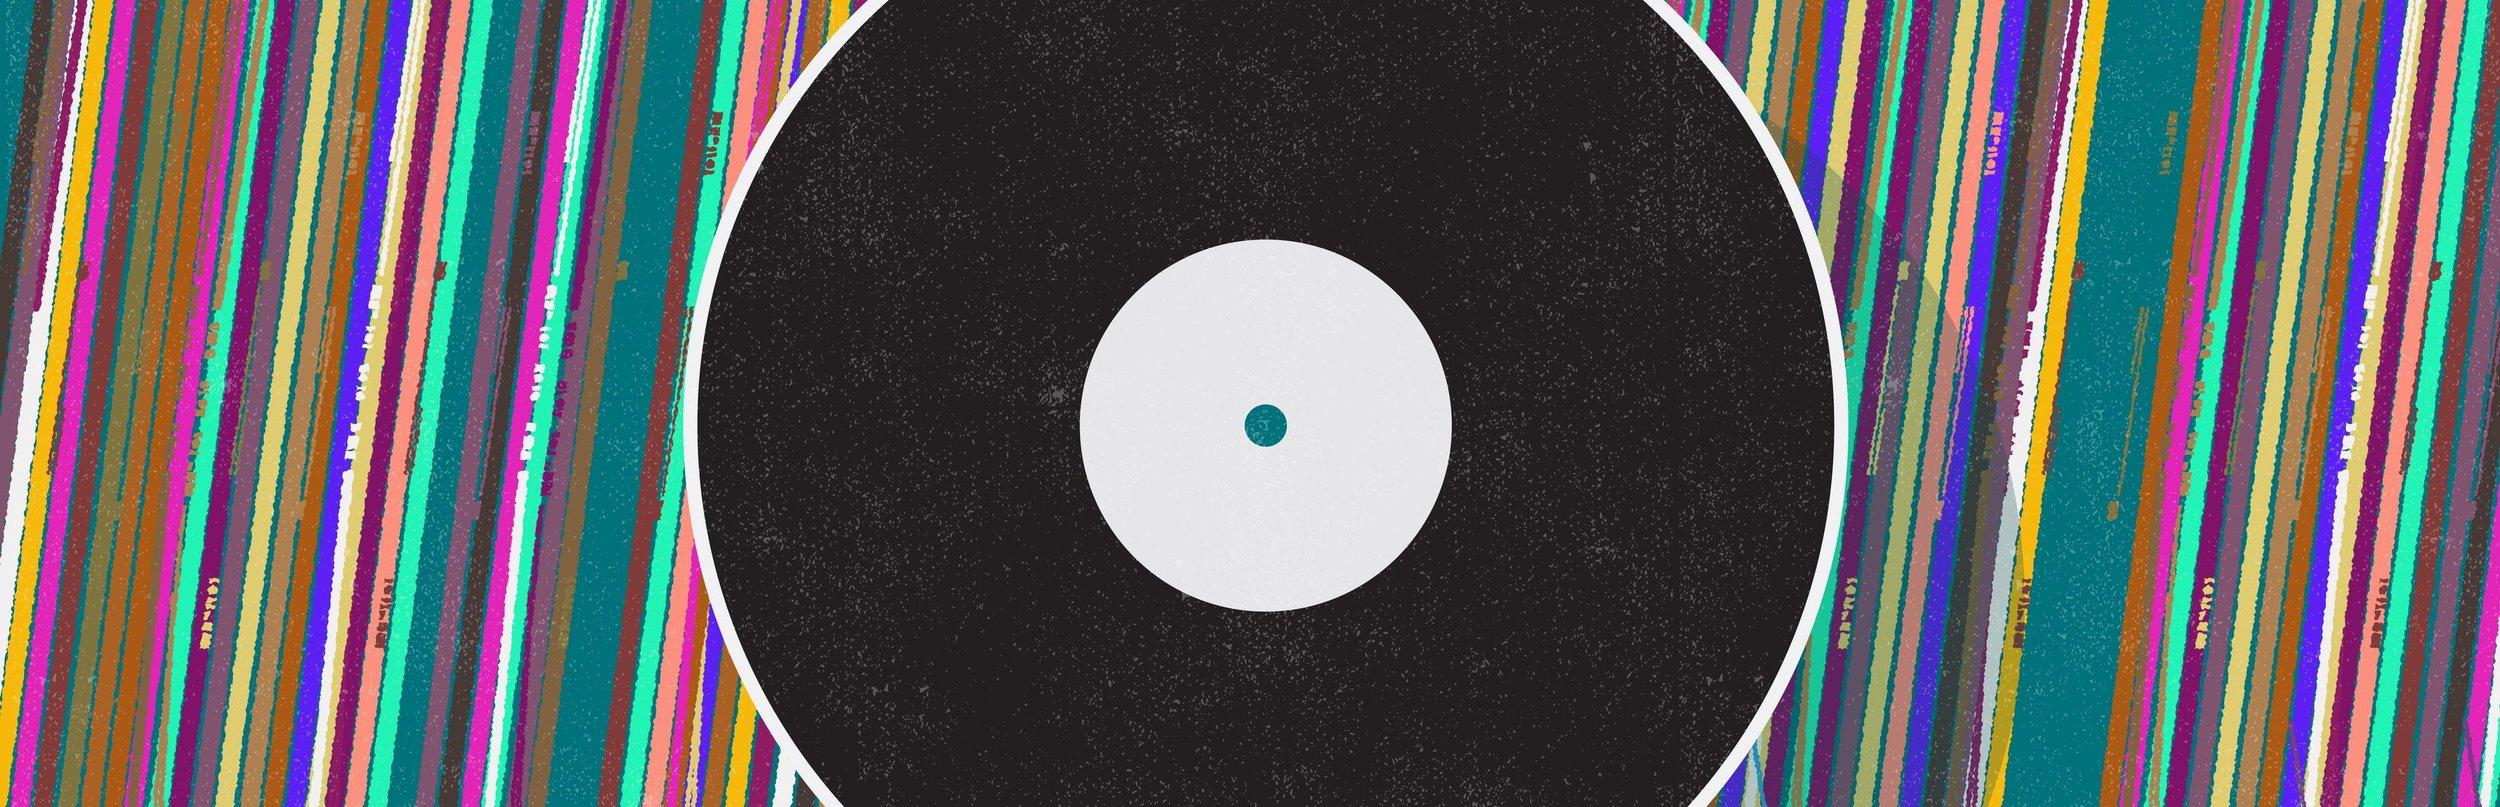 vinyl-records-illustration.jpg